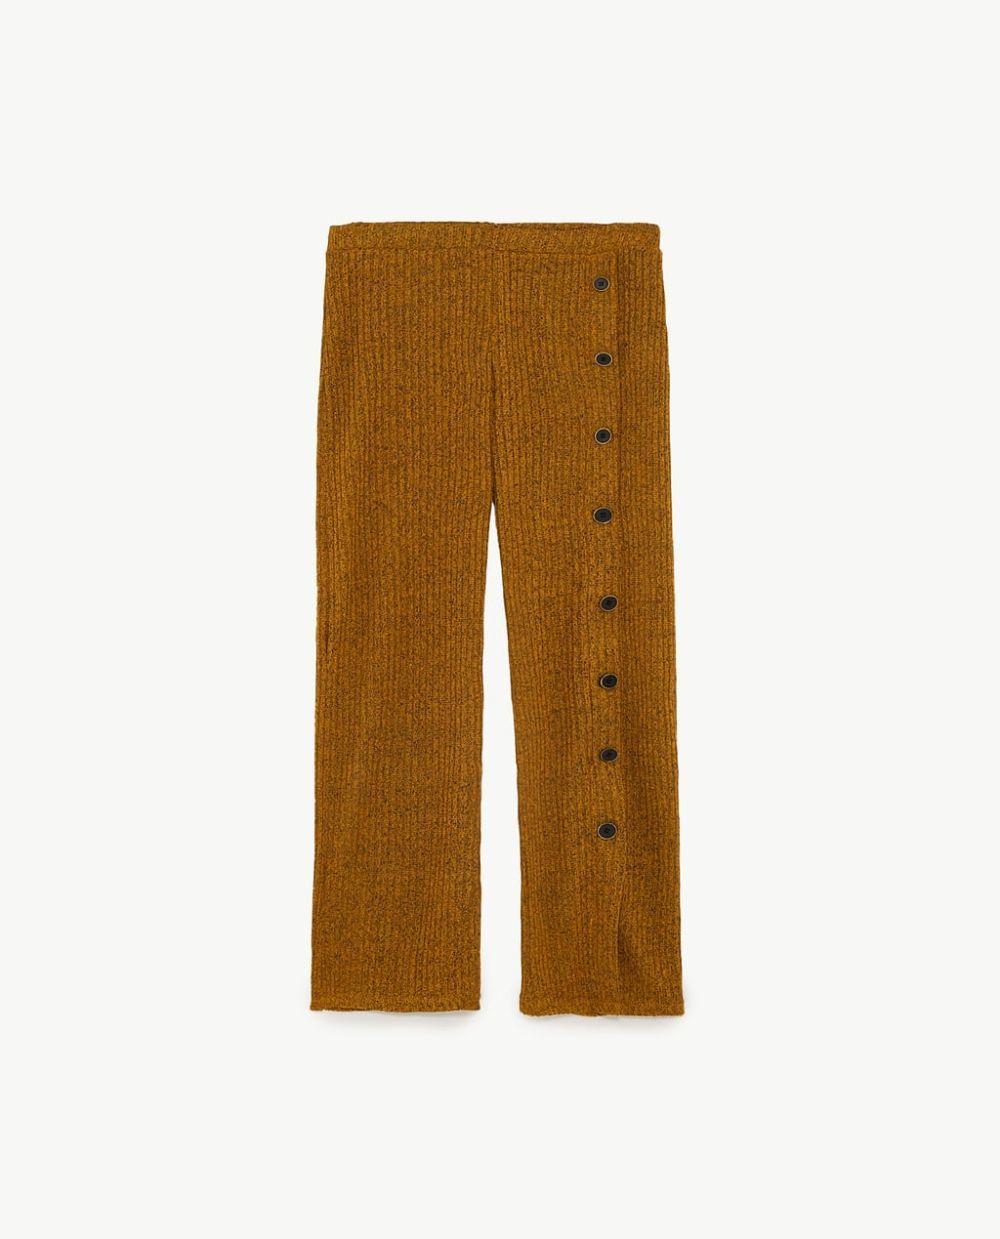 Pantalón de canalé color mostaza de Zara (17,95 euros)